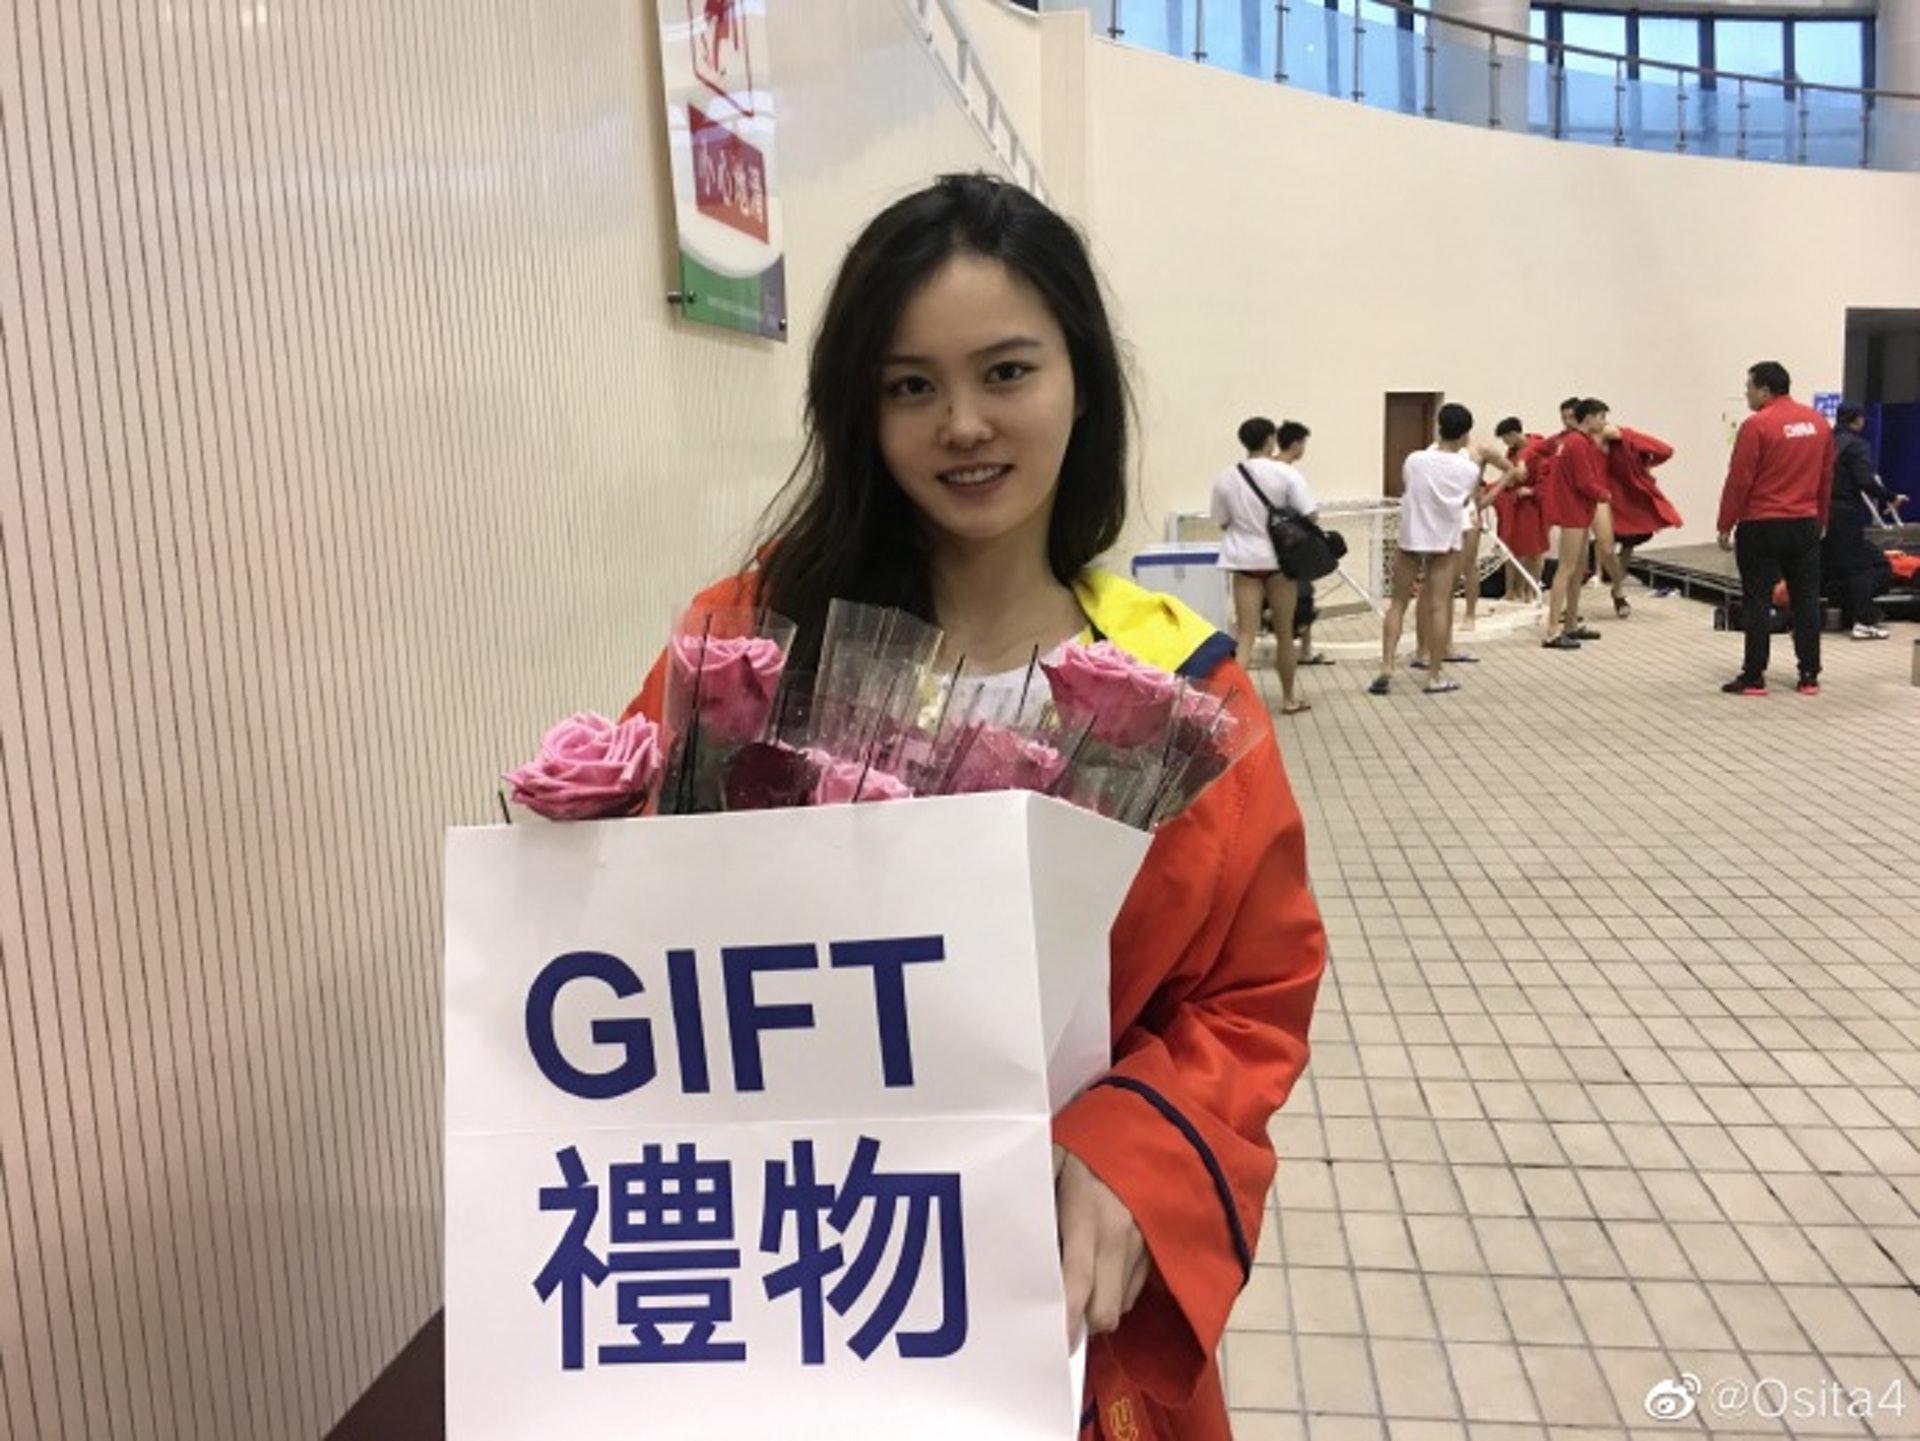 Đội trưởng đội tuyển bóng nước nữ Trung Quốc gây bão MXH vì ngoại hình nổi bật, nhan sắc được so sánh cùng Trương Bá Chi - ảnh 9